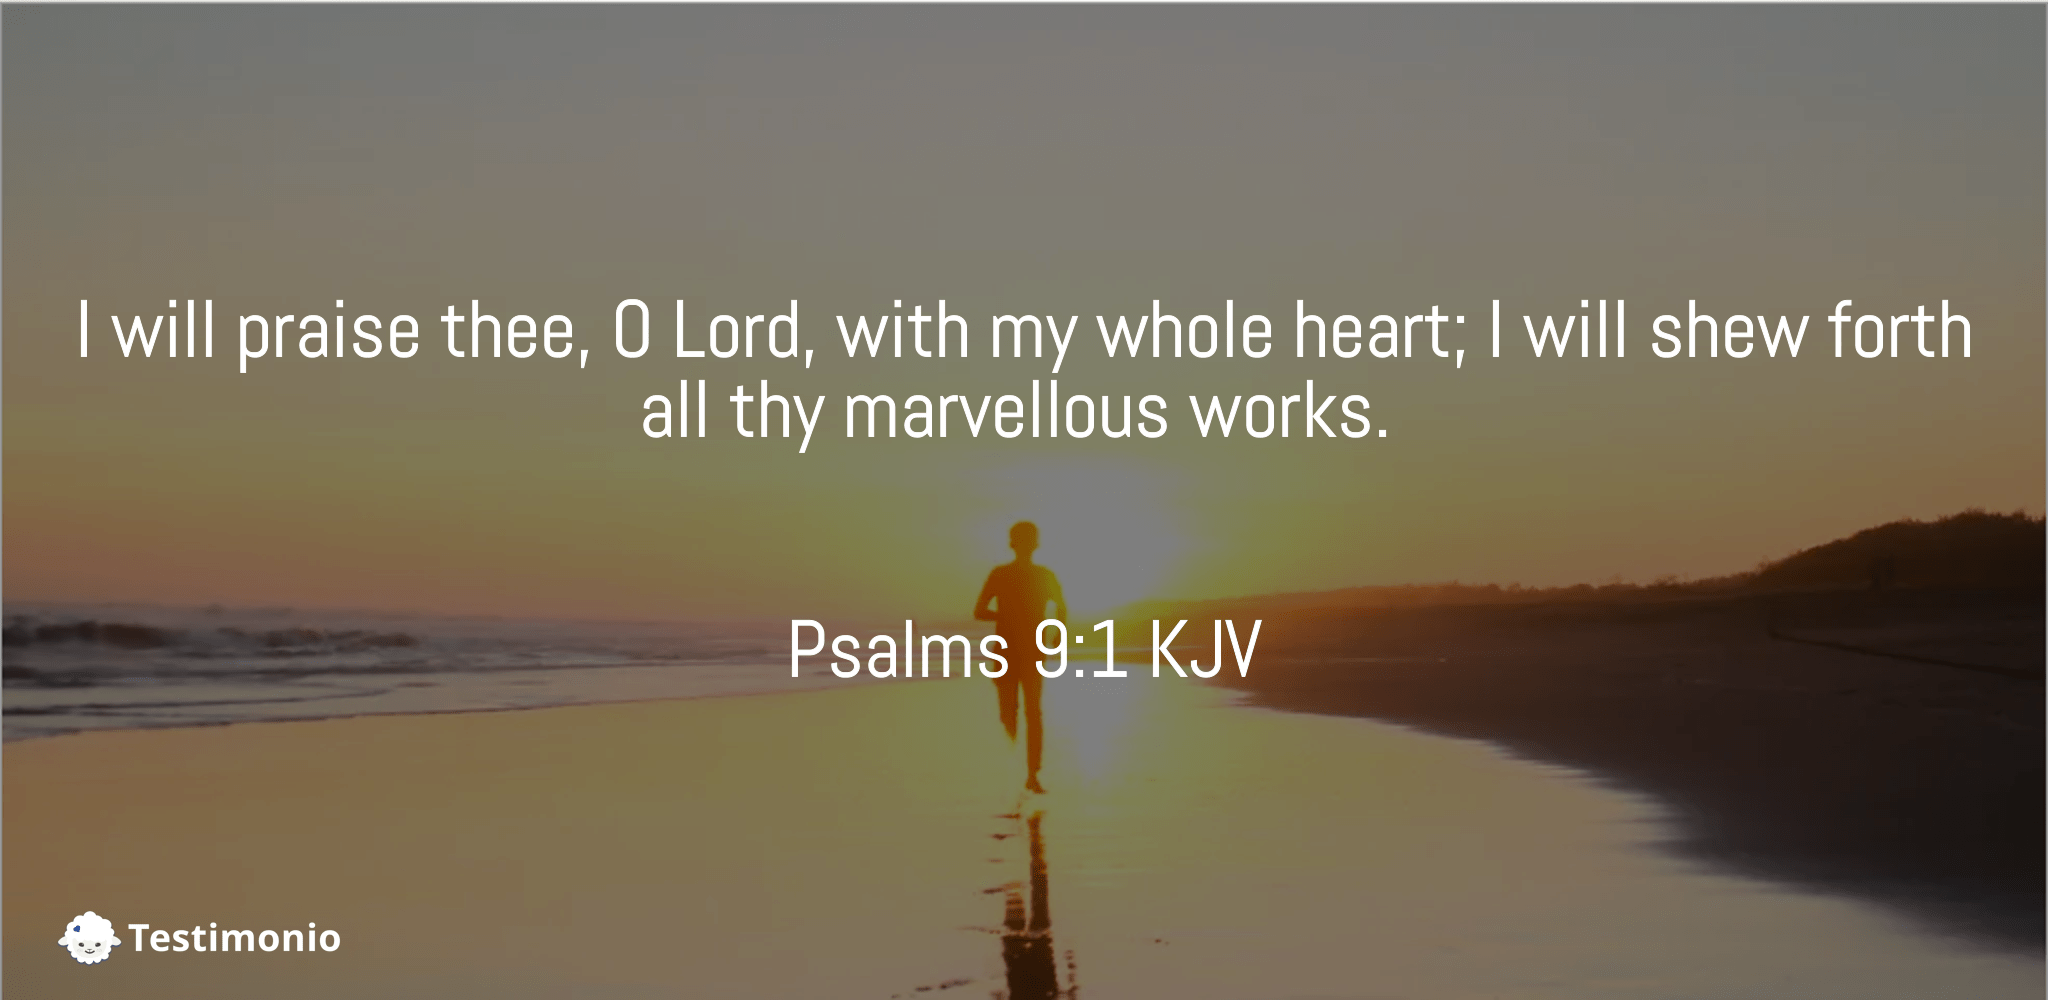 Psalms 9:1